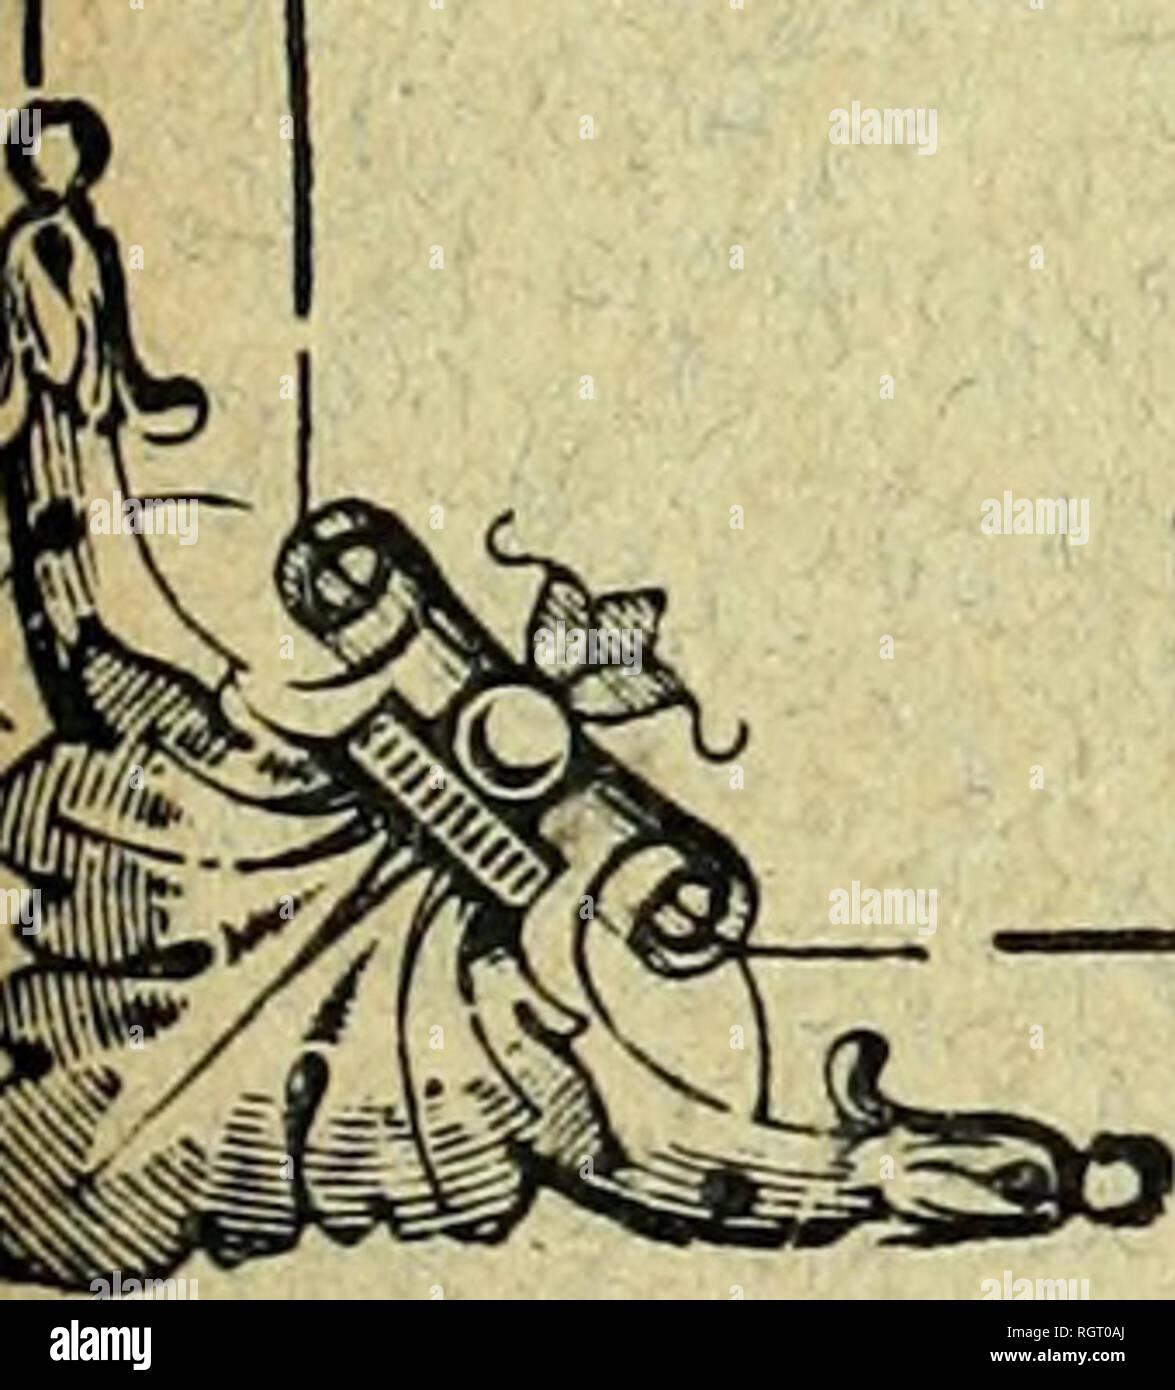 Bulletin de la Socit d'histoire naturelle de Toulouse. Natural history;  Natural .